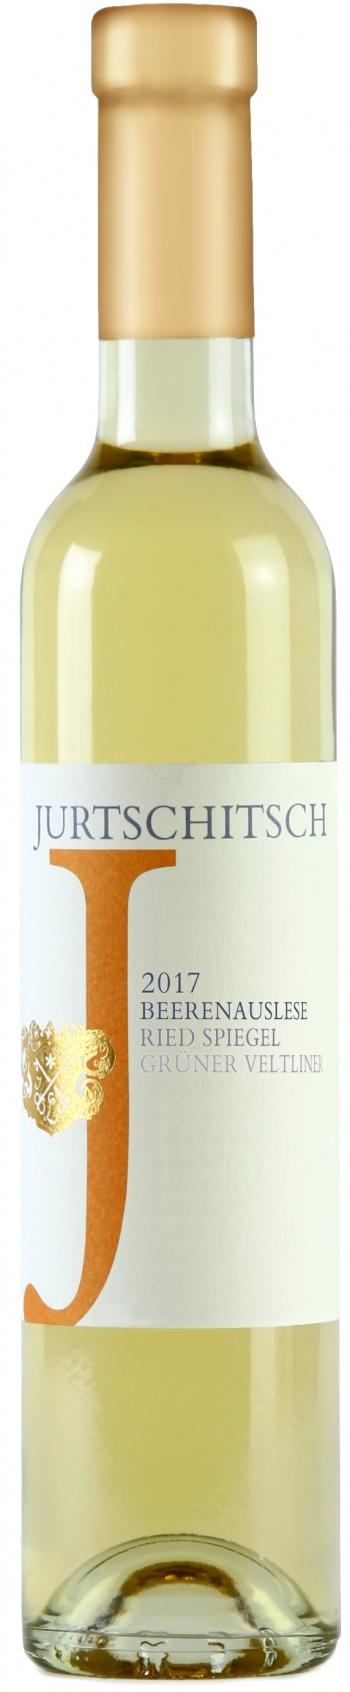 Grüner Veltliner Beerenauslese, Spiegel, BIO, Jurtschitsch 2017